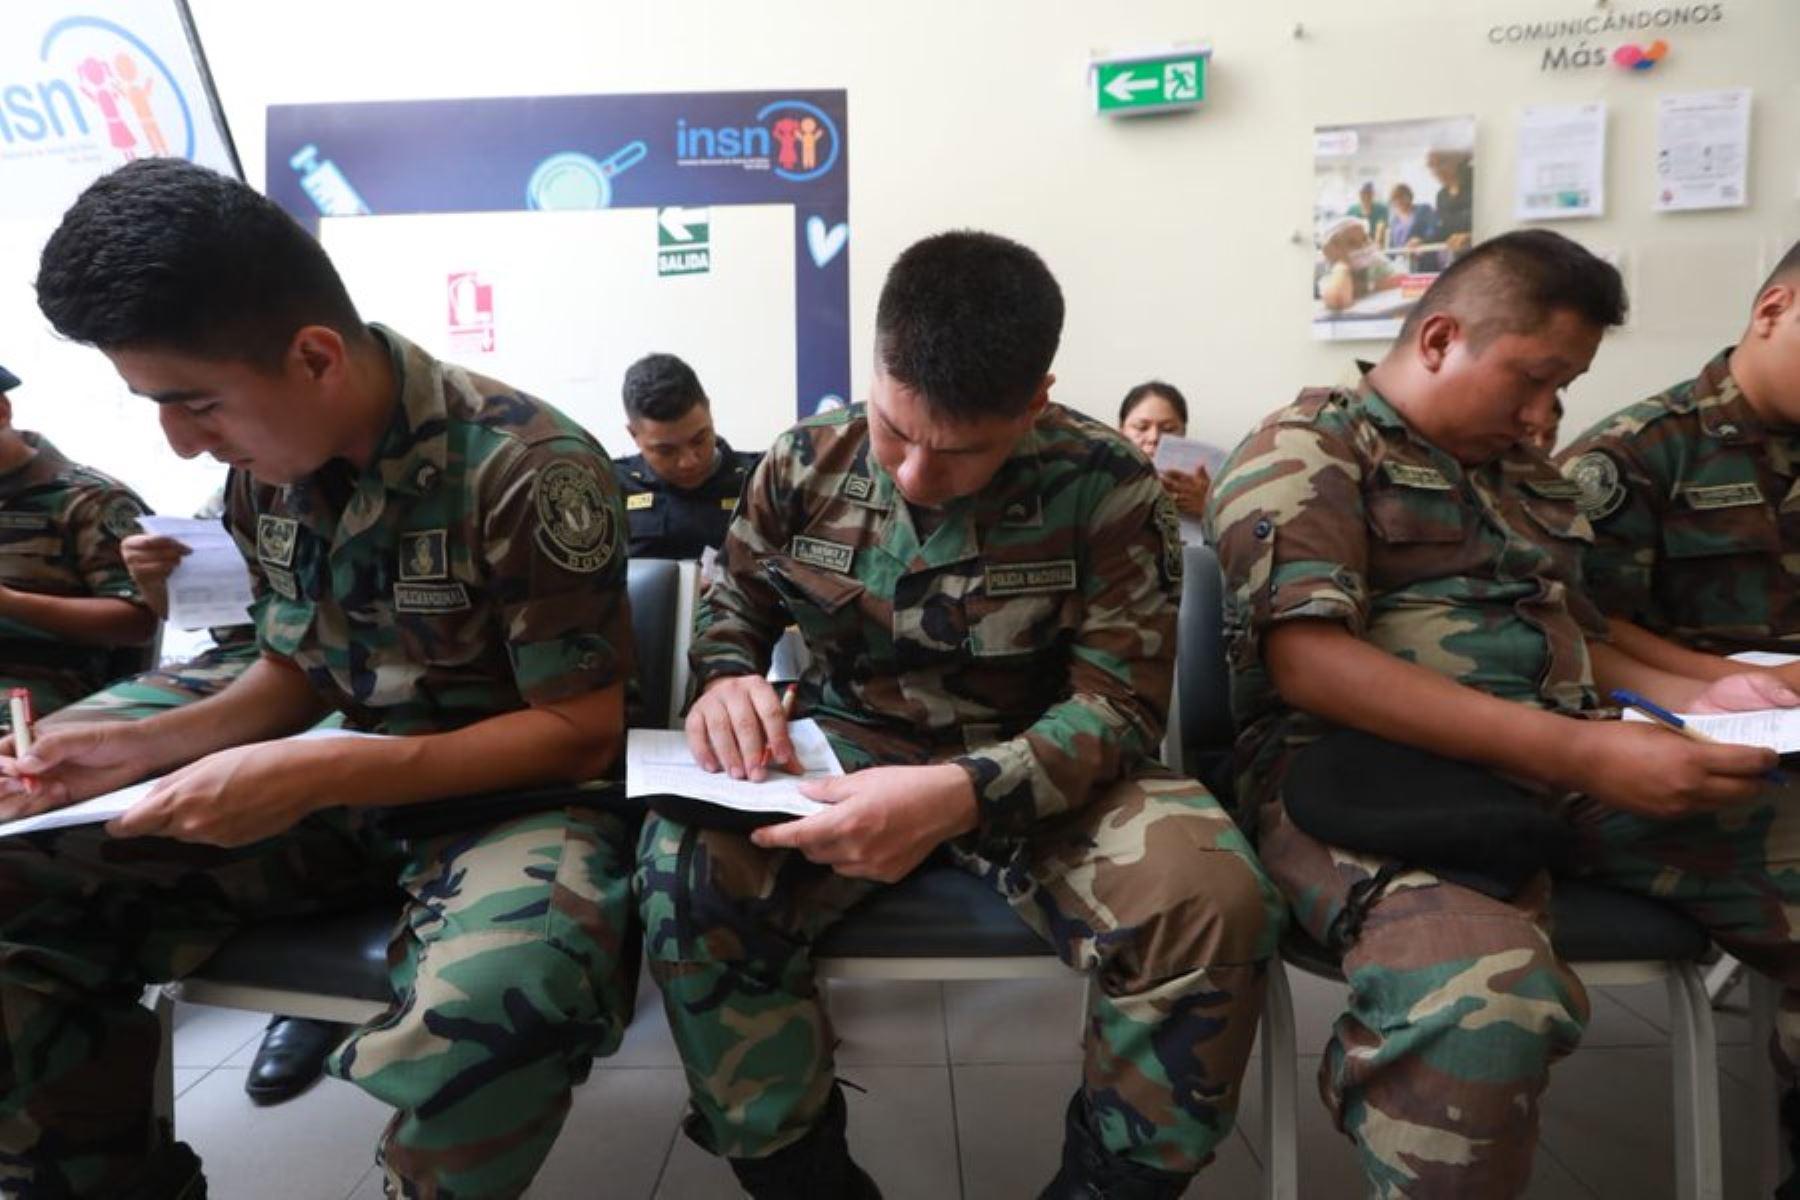 Miembros de la Policía Nacional donan sangre para víctimas de la explosión en Villa El Salvador.Foto: ANDINA/Minsa